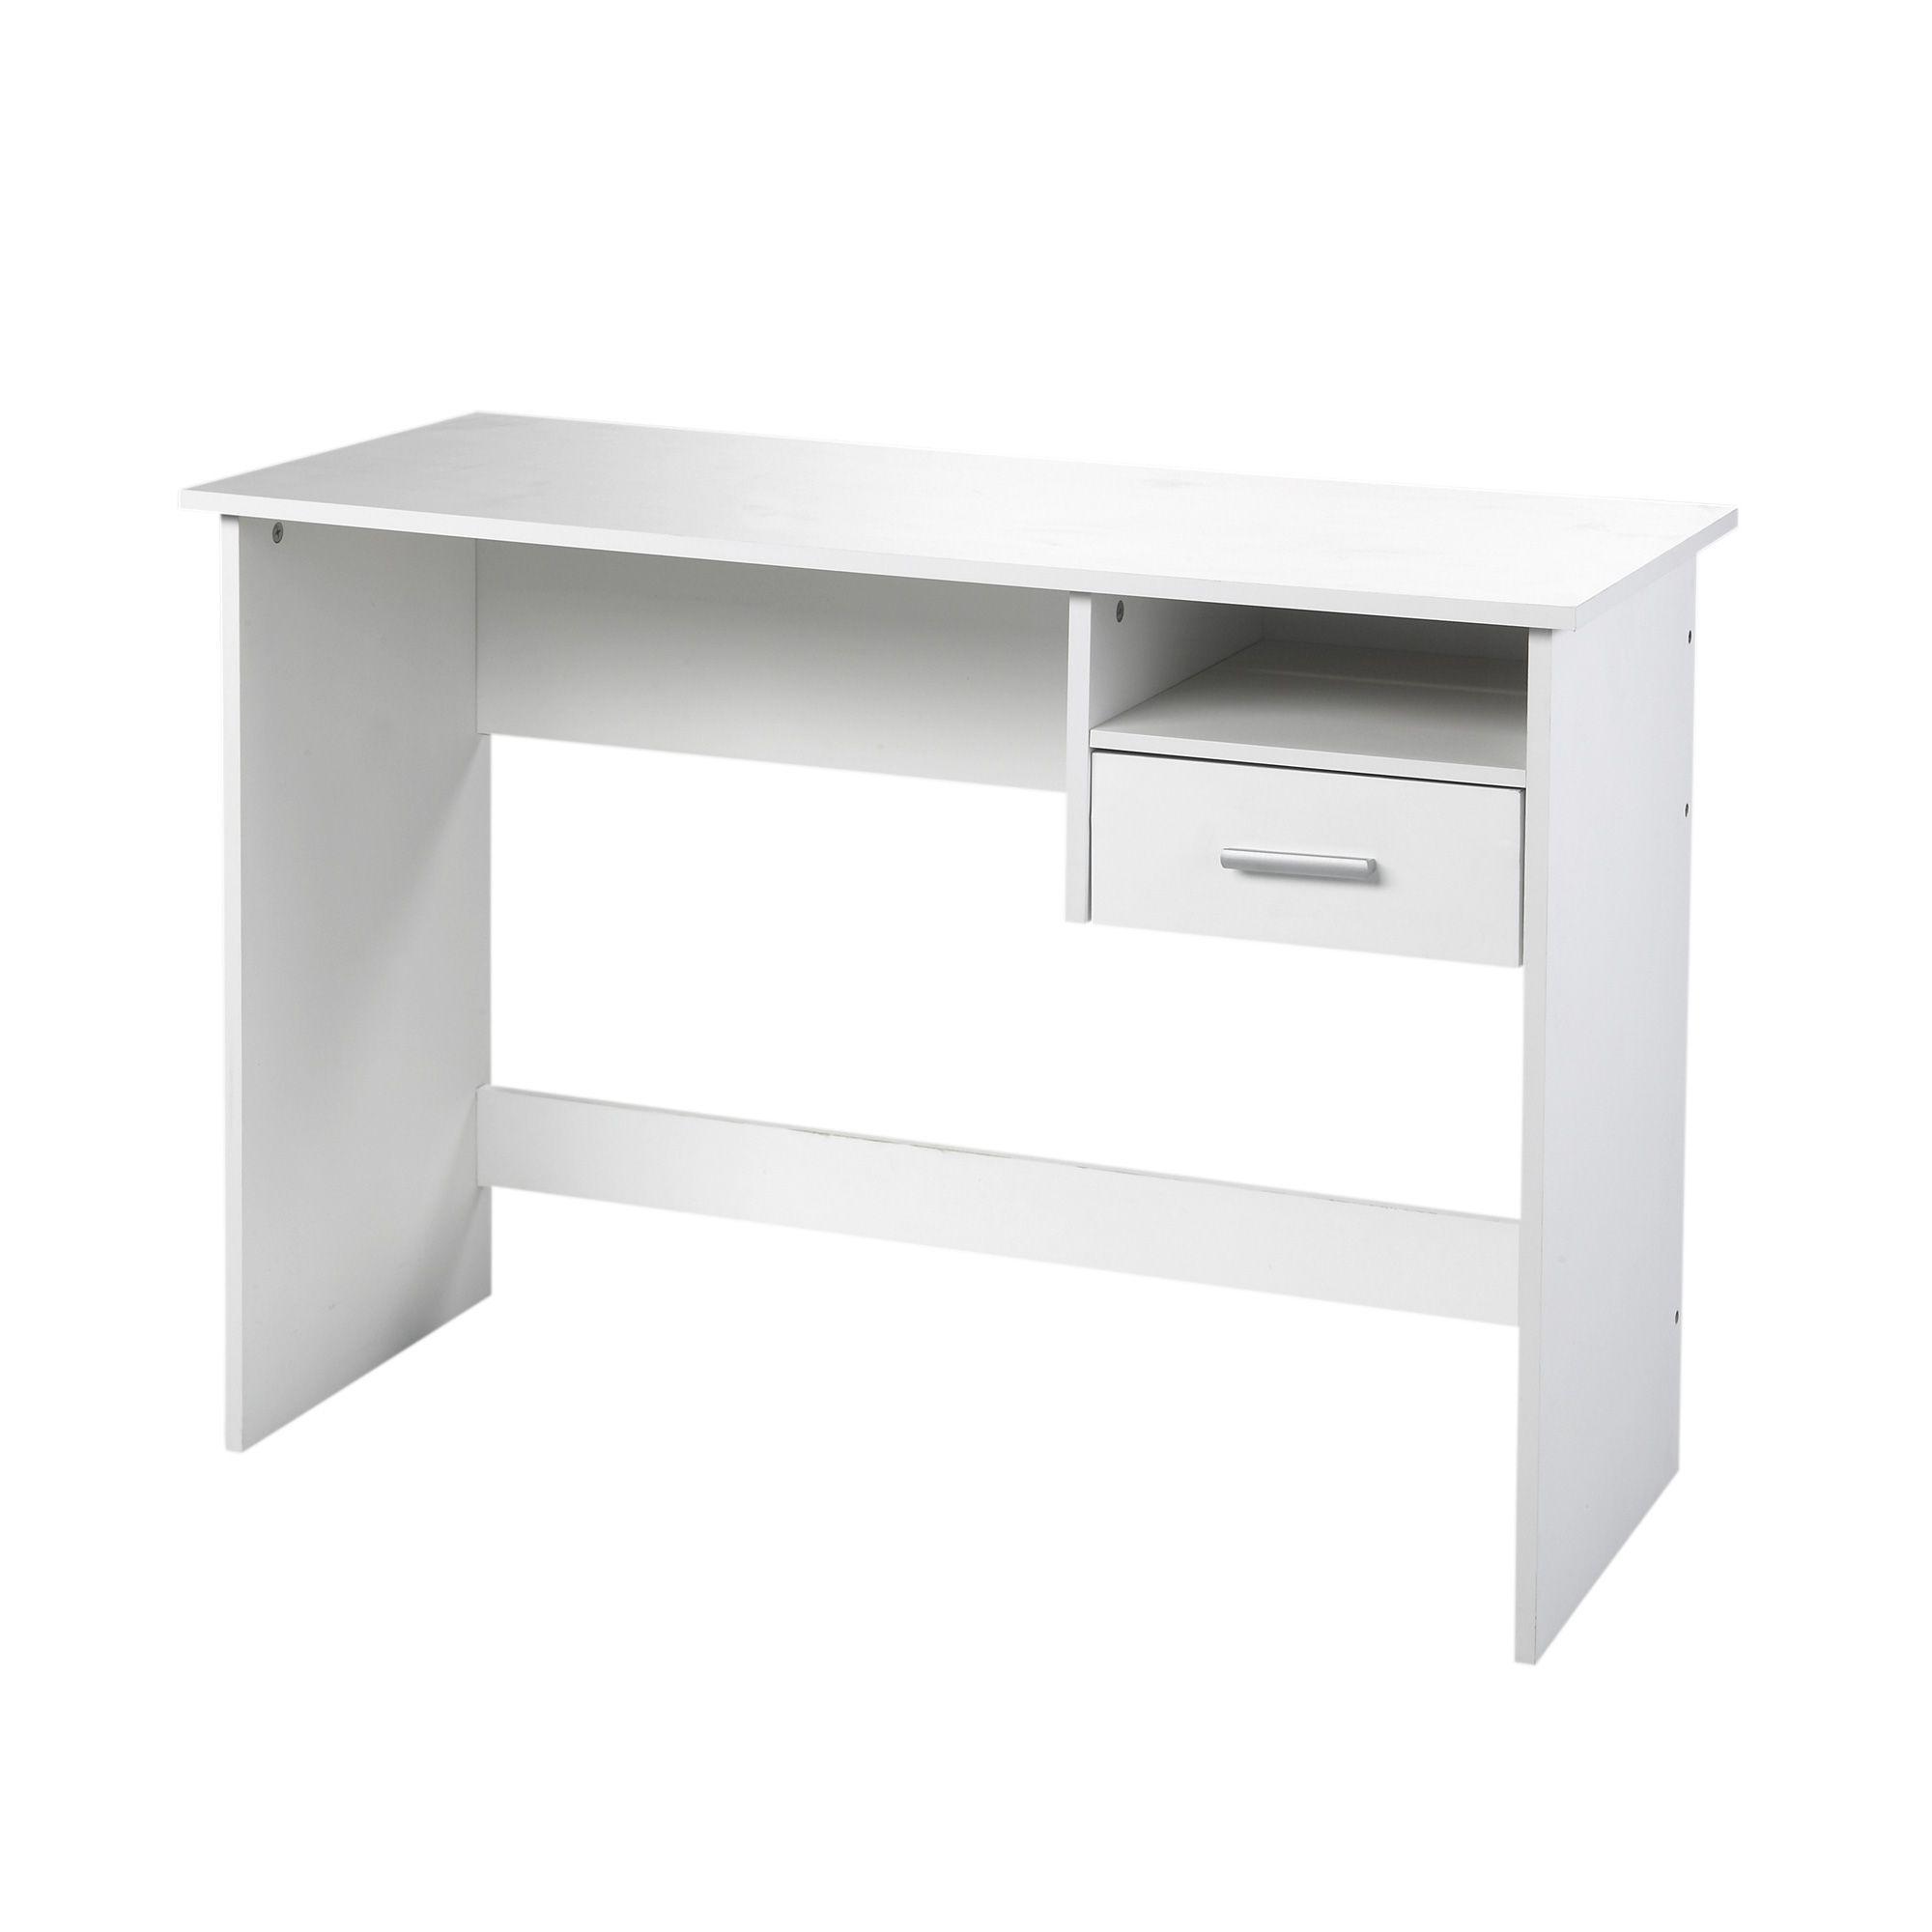 Bureau junior Blanc Pryce Les bureaux enfants Les meubles